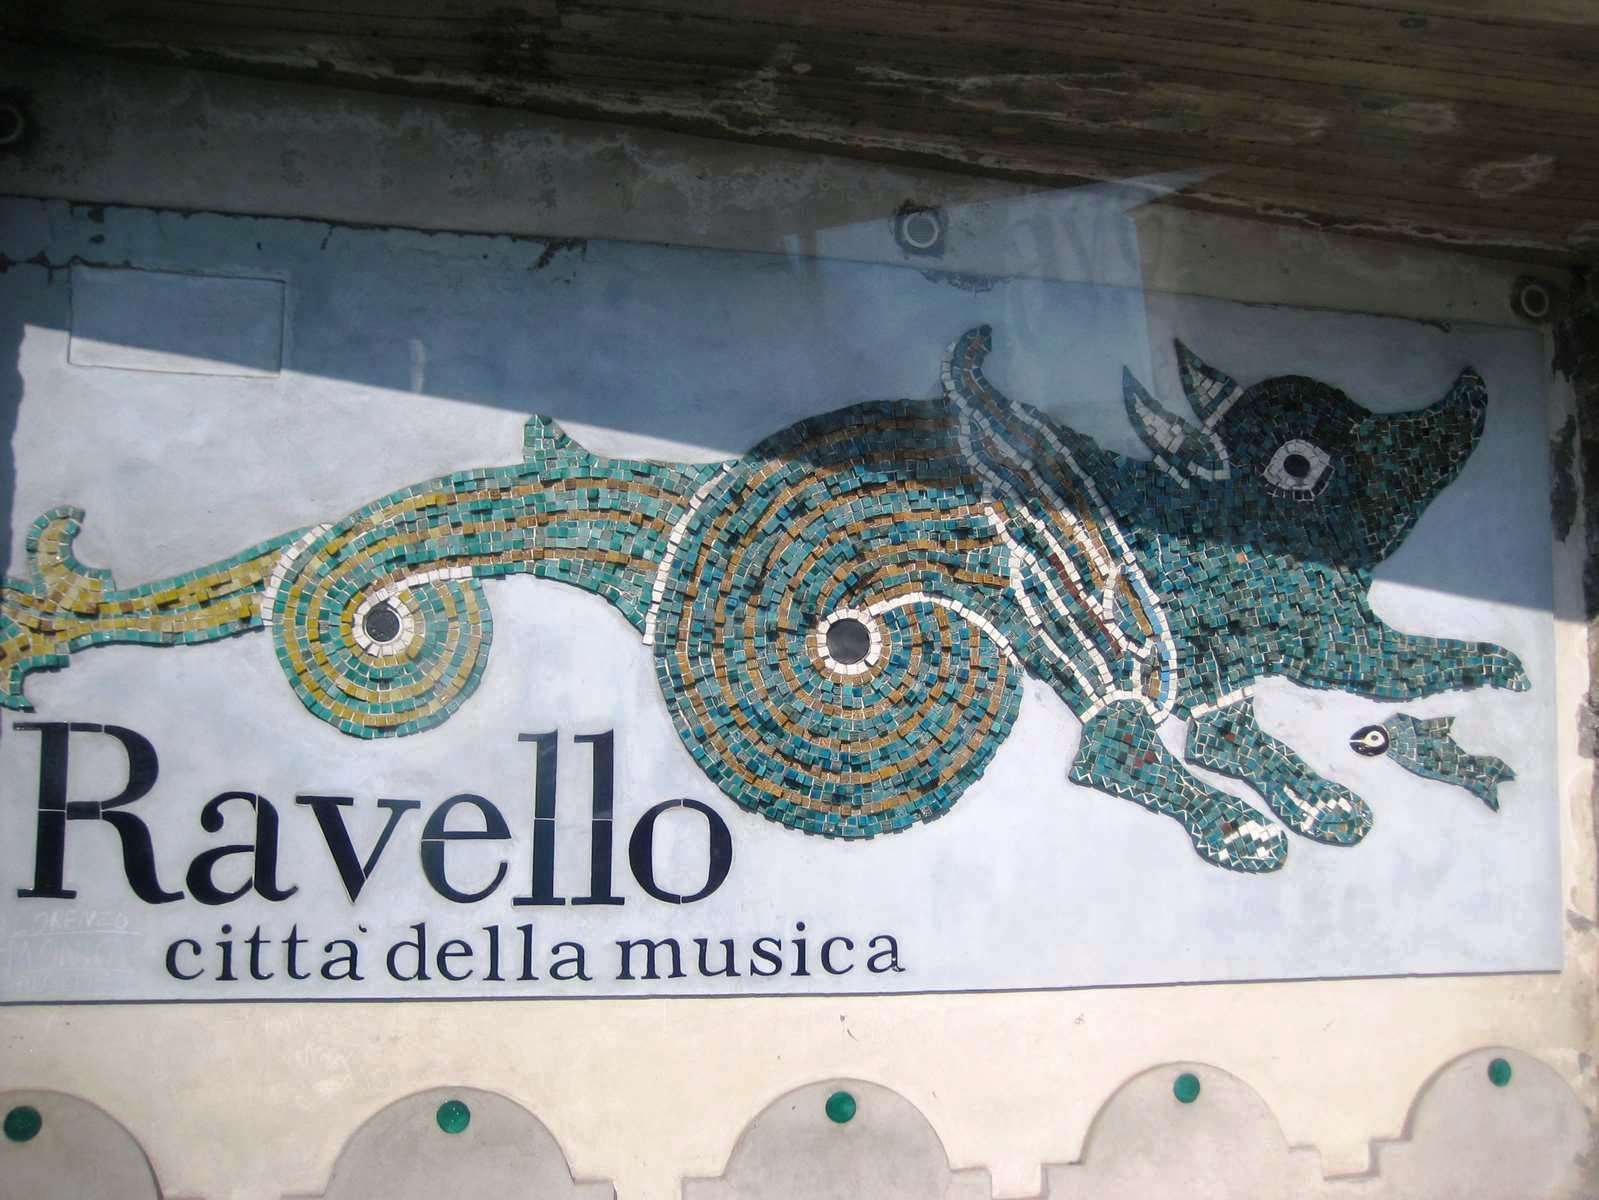 Italie-Côte amalfitaine Ravello